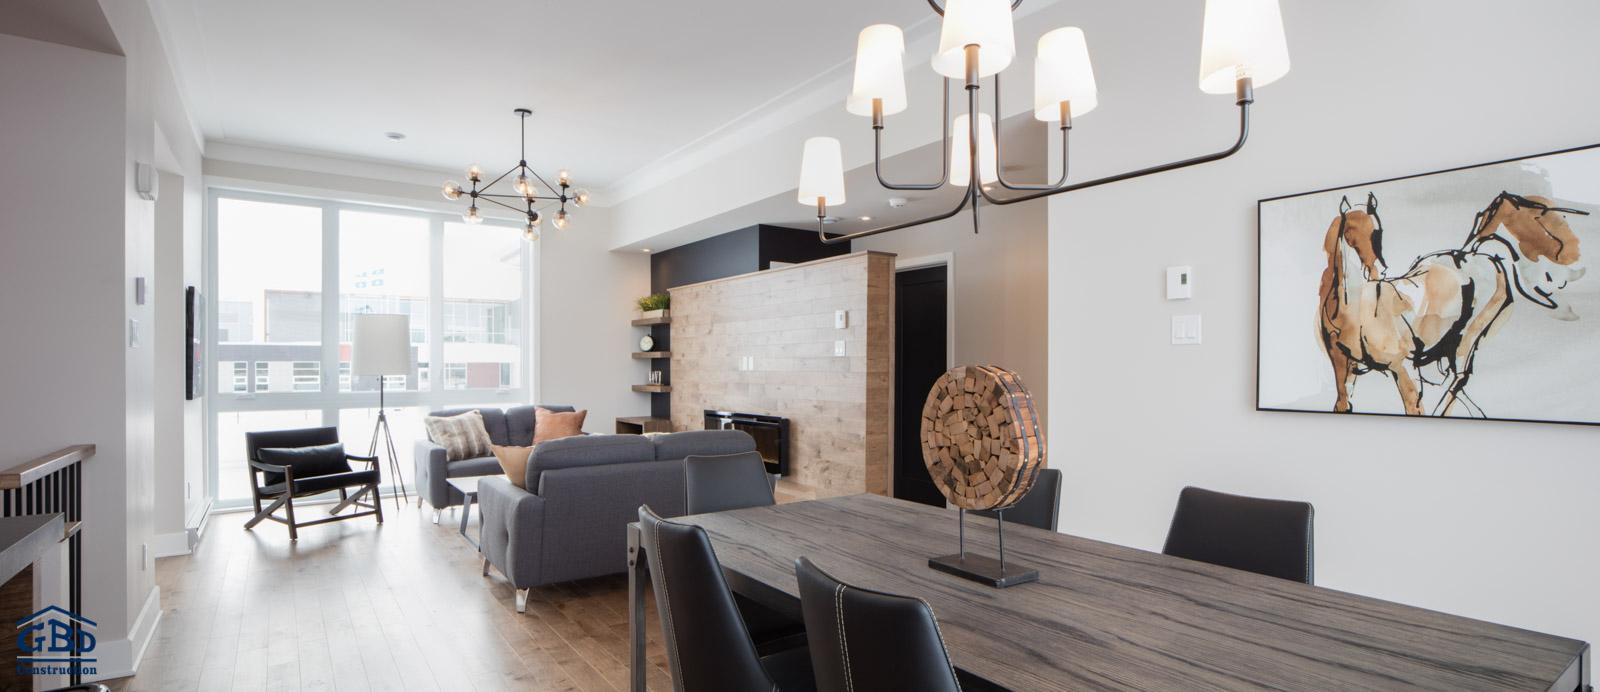 Maison neuve plain pied rive nord montreal quebec 04 for Construction maison neuve rive nord